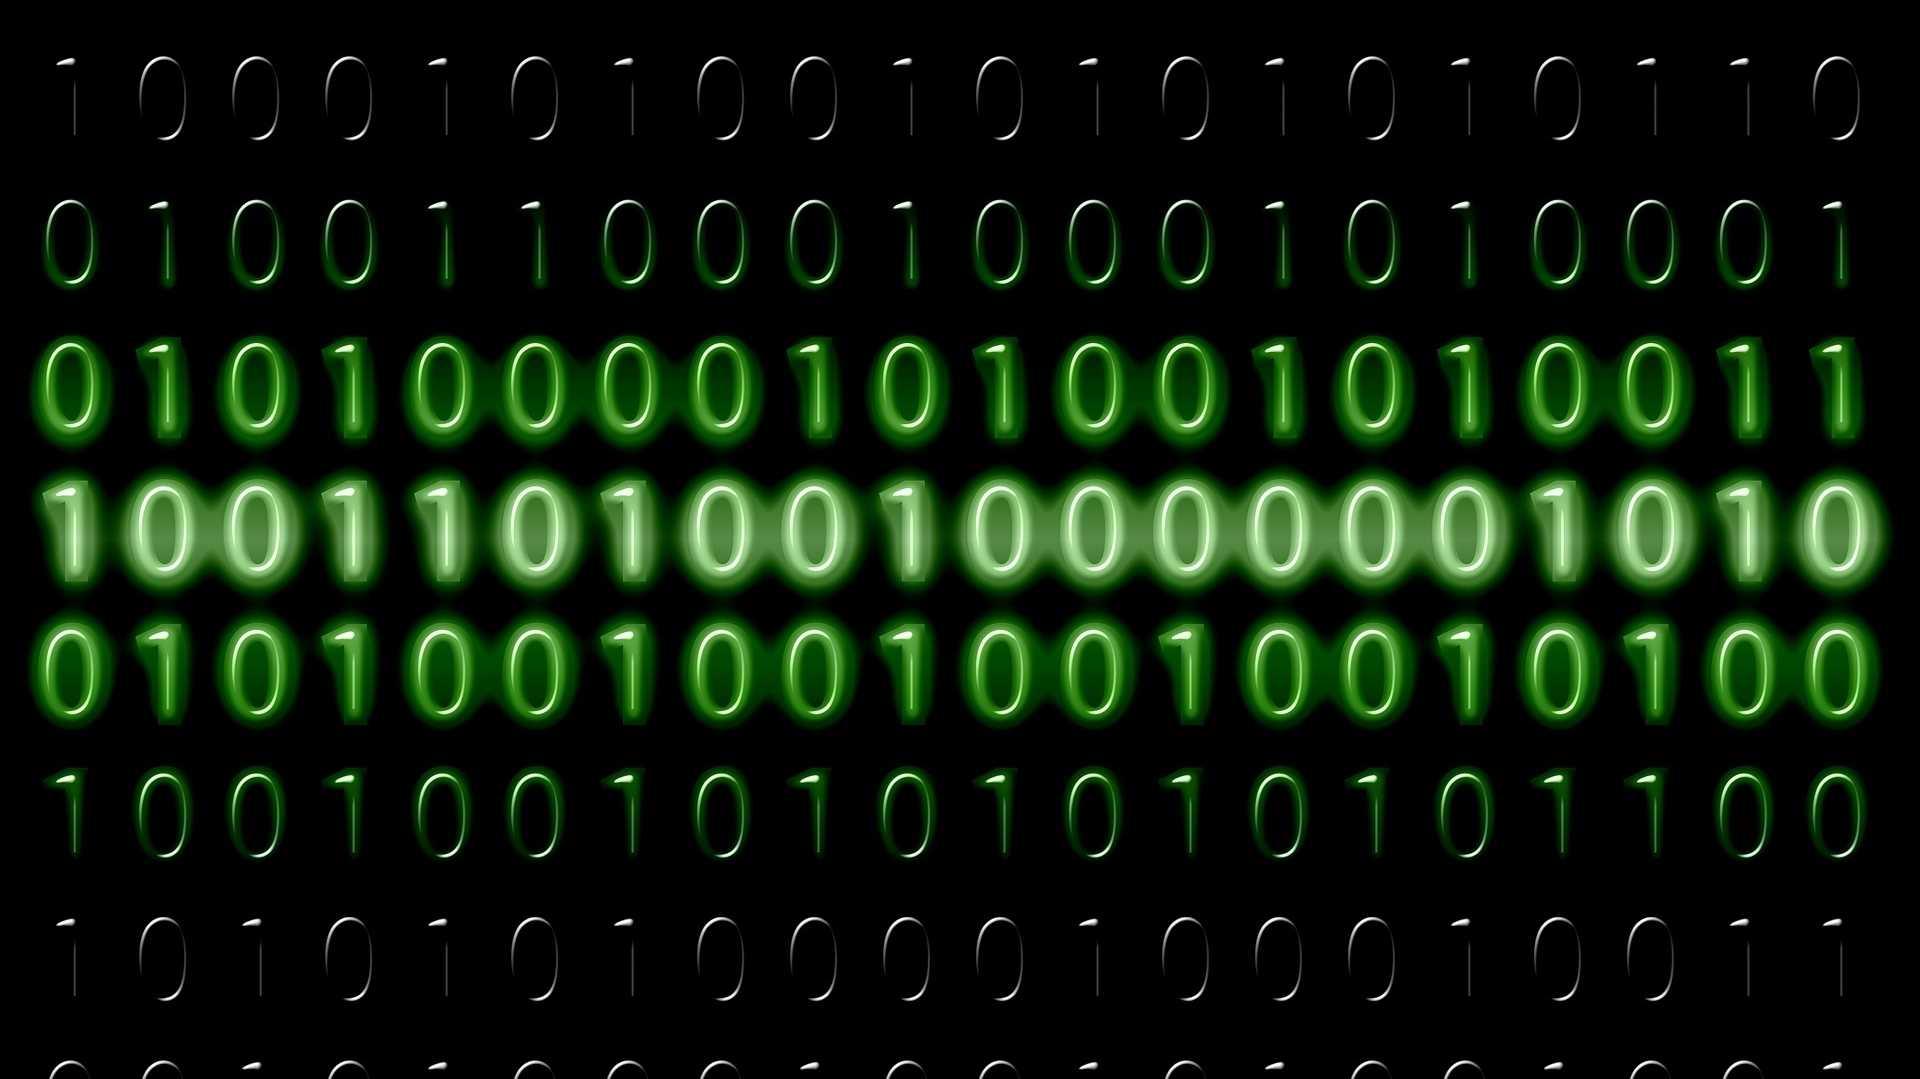 Adblock Plus: Filteroption für Malware-Angriffe ausnutzbar